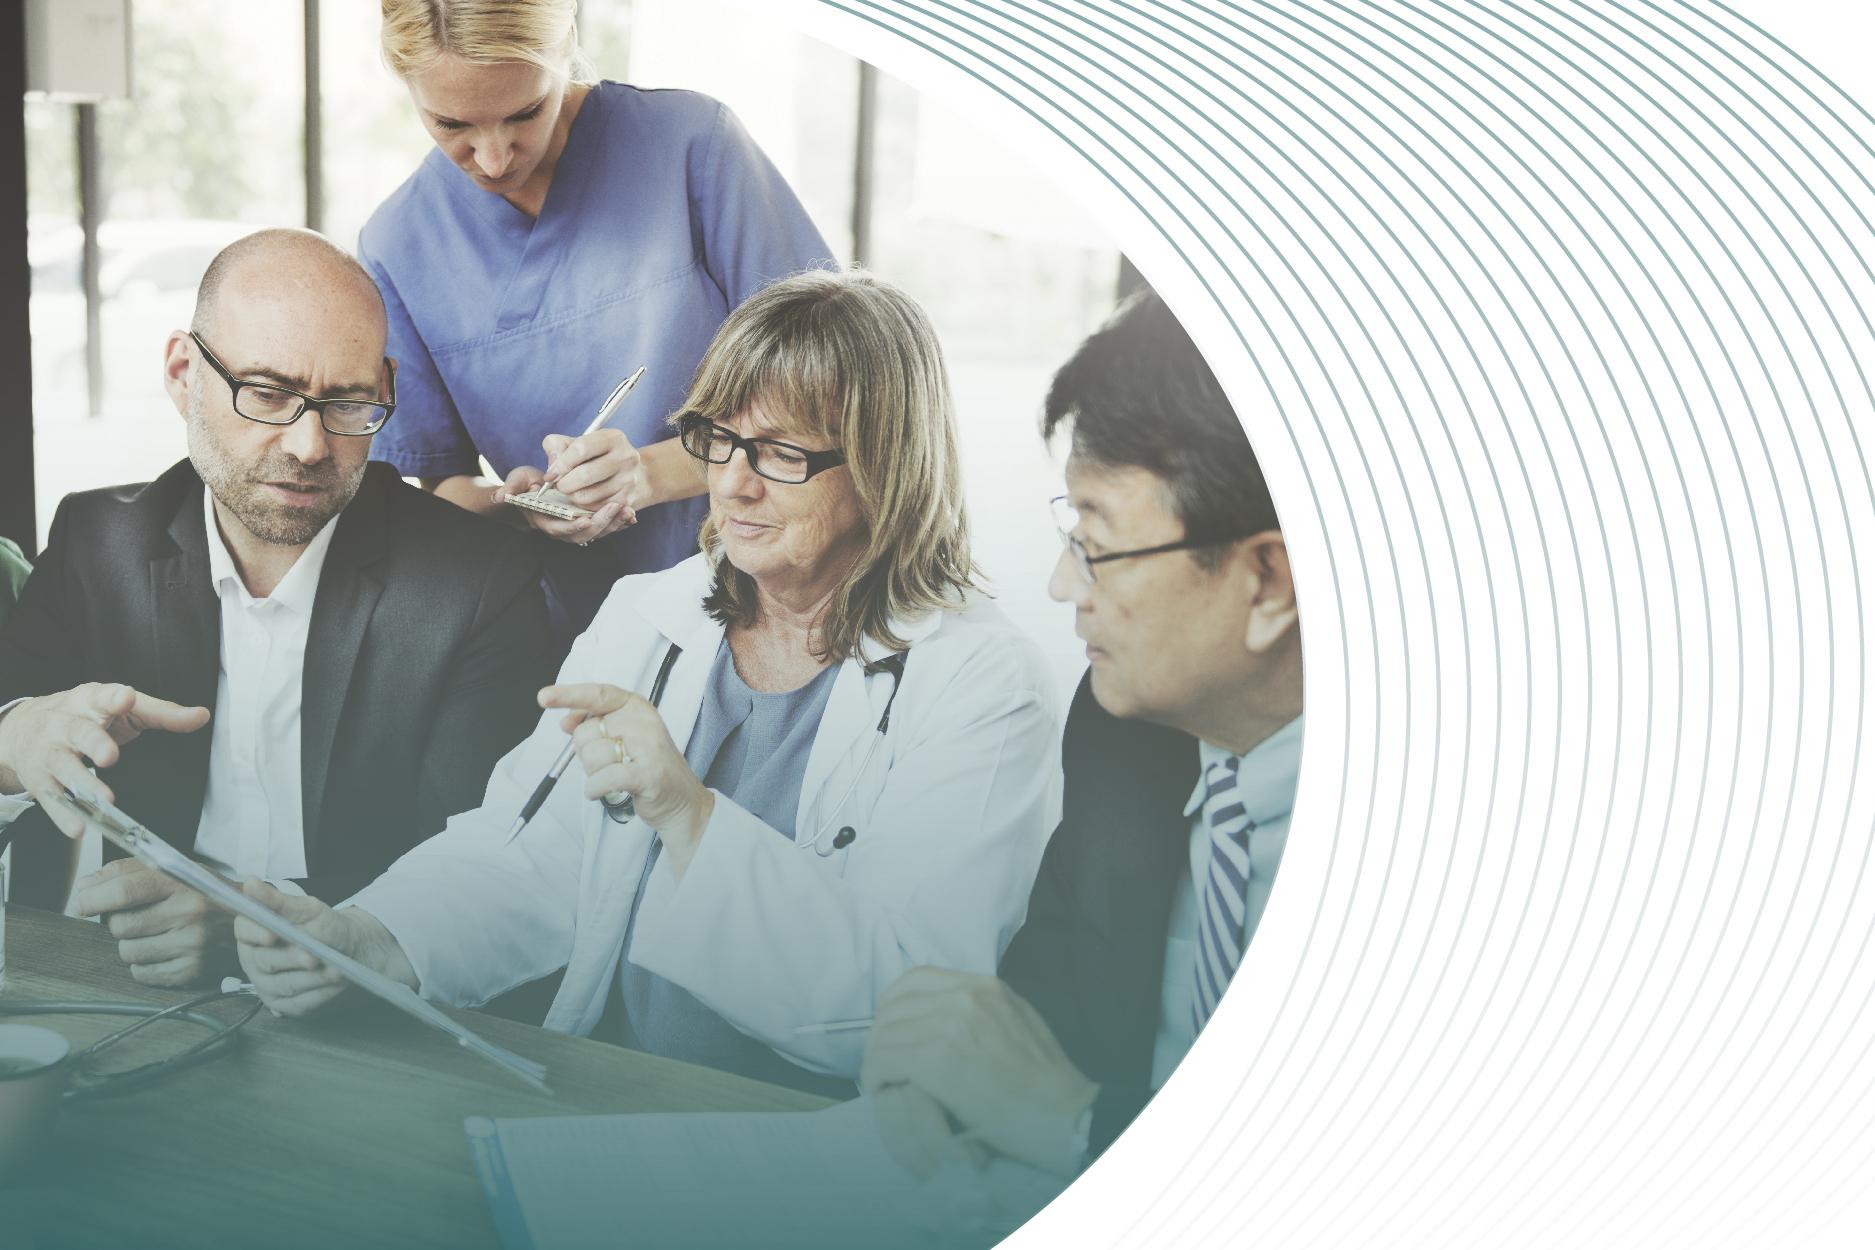 SAUDECORPORATIVAT2 - Apoio ao Presencial Gestão em Saúde Corporativa (001406 - 2021/1 - INTEGRAL)